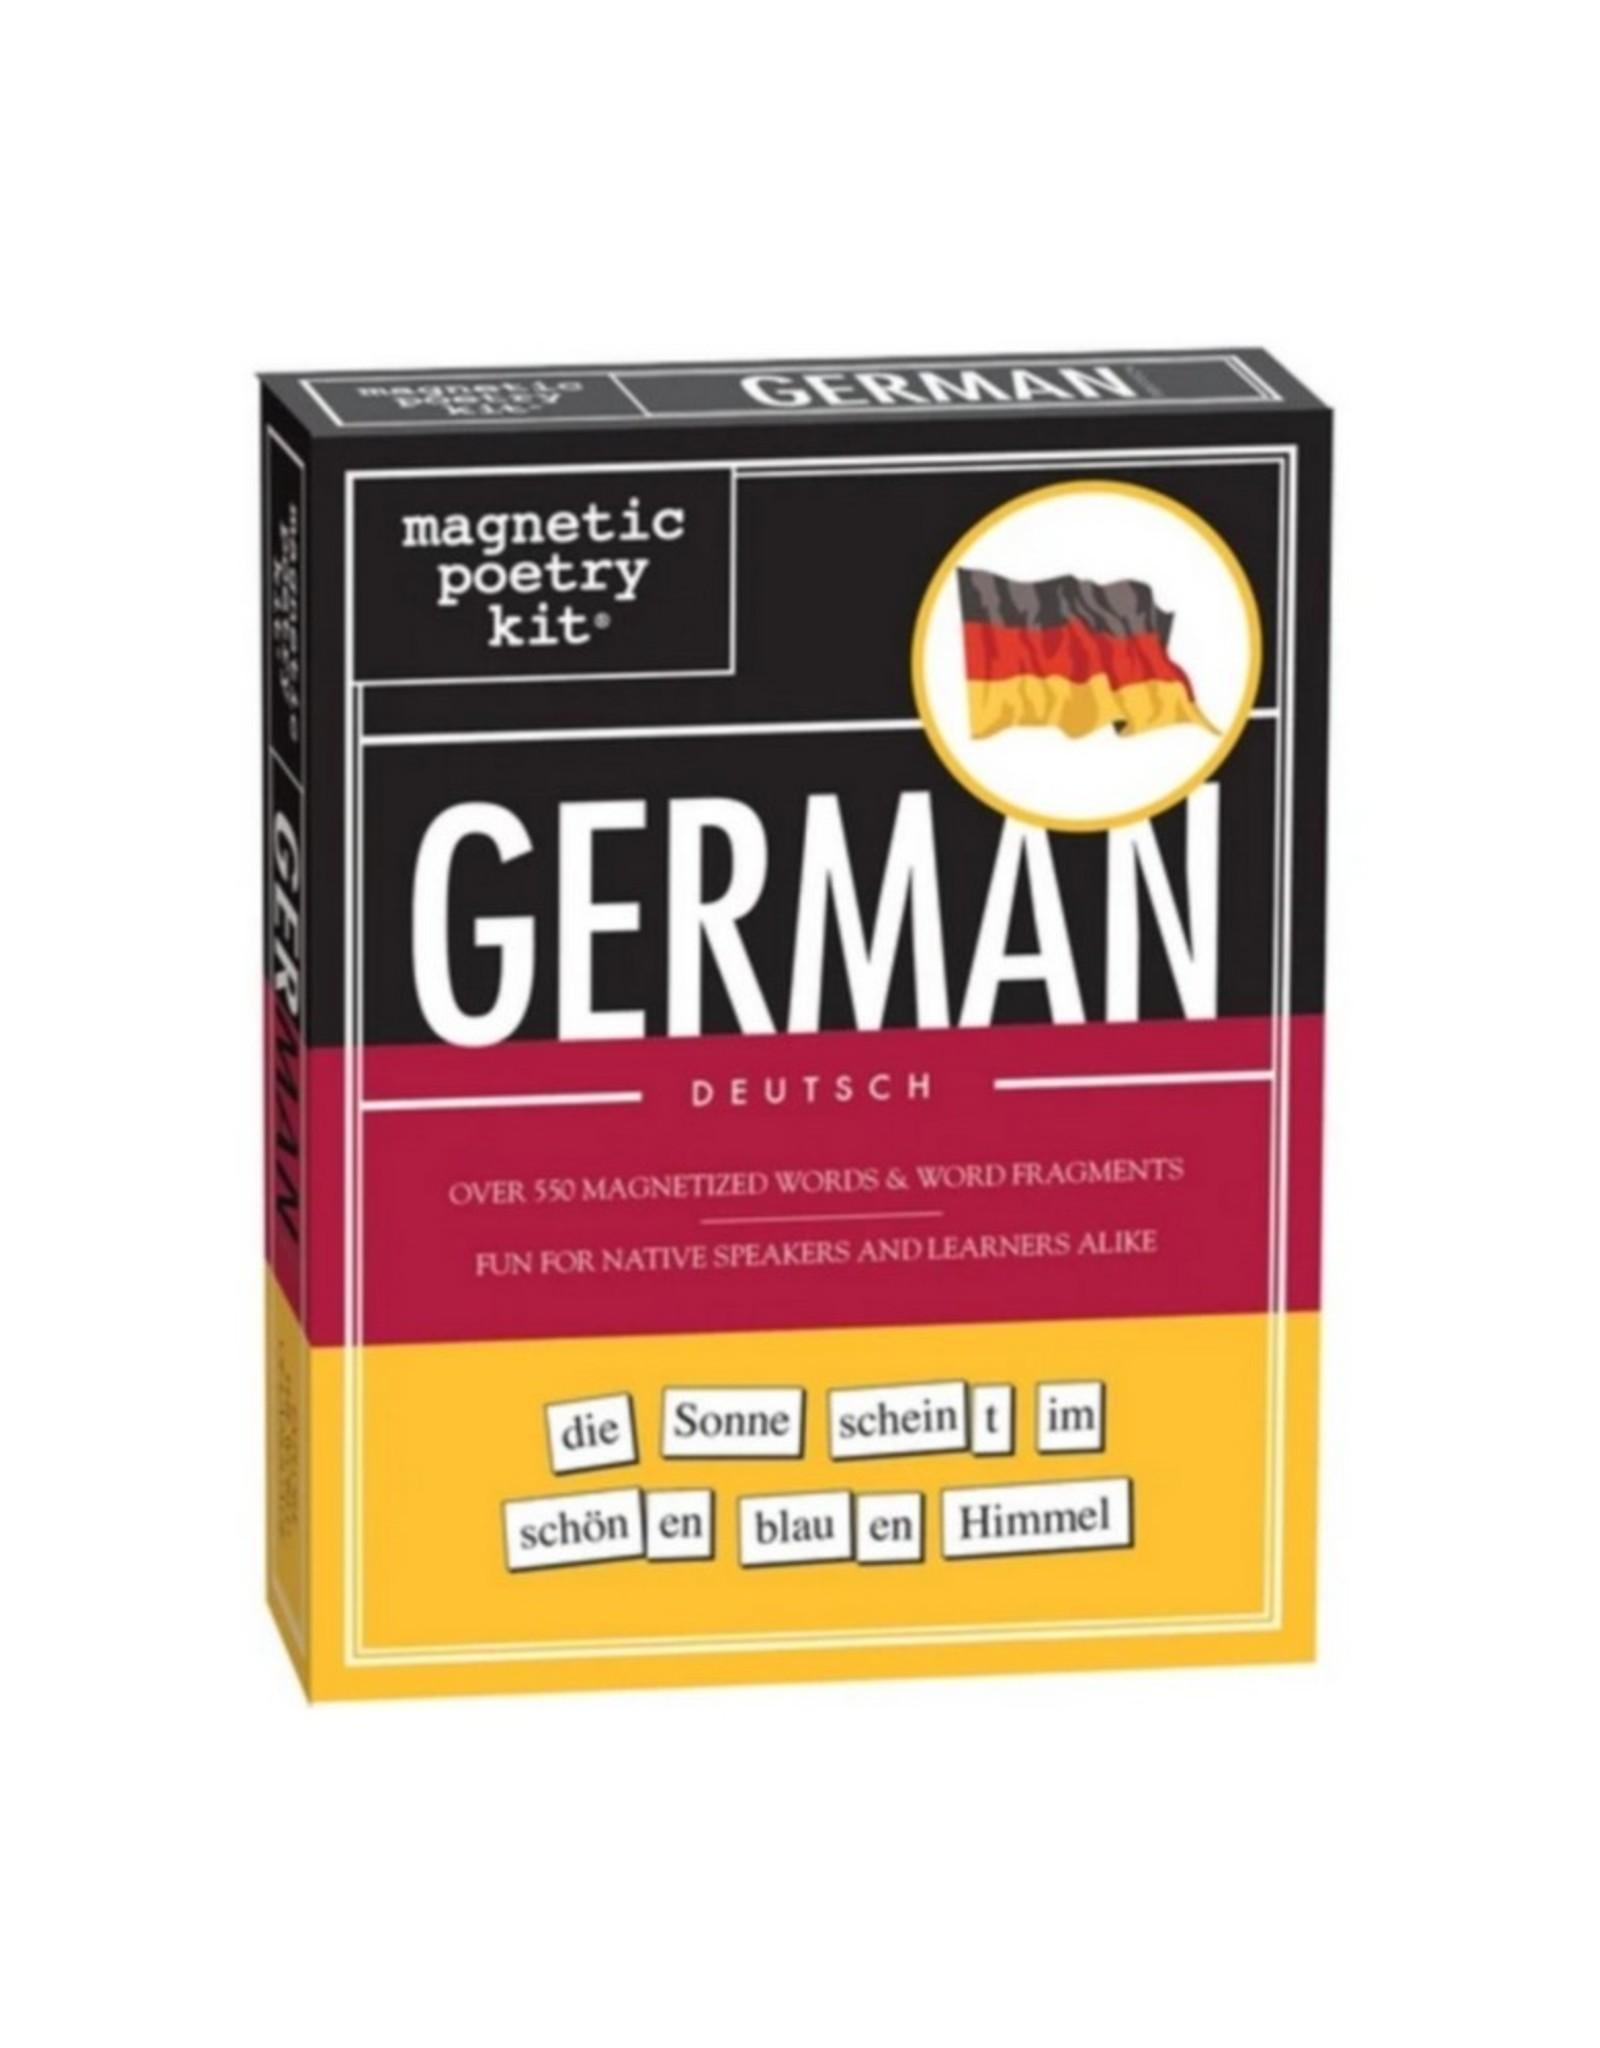 Magnetic Poetry Magnetische Koelkast Poezie Duits